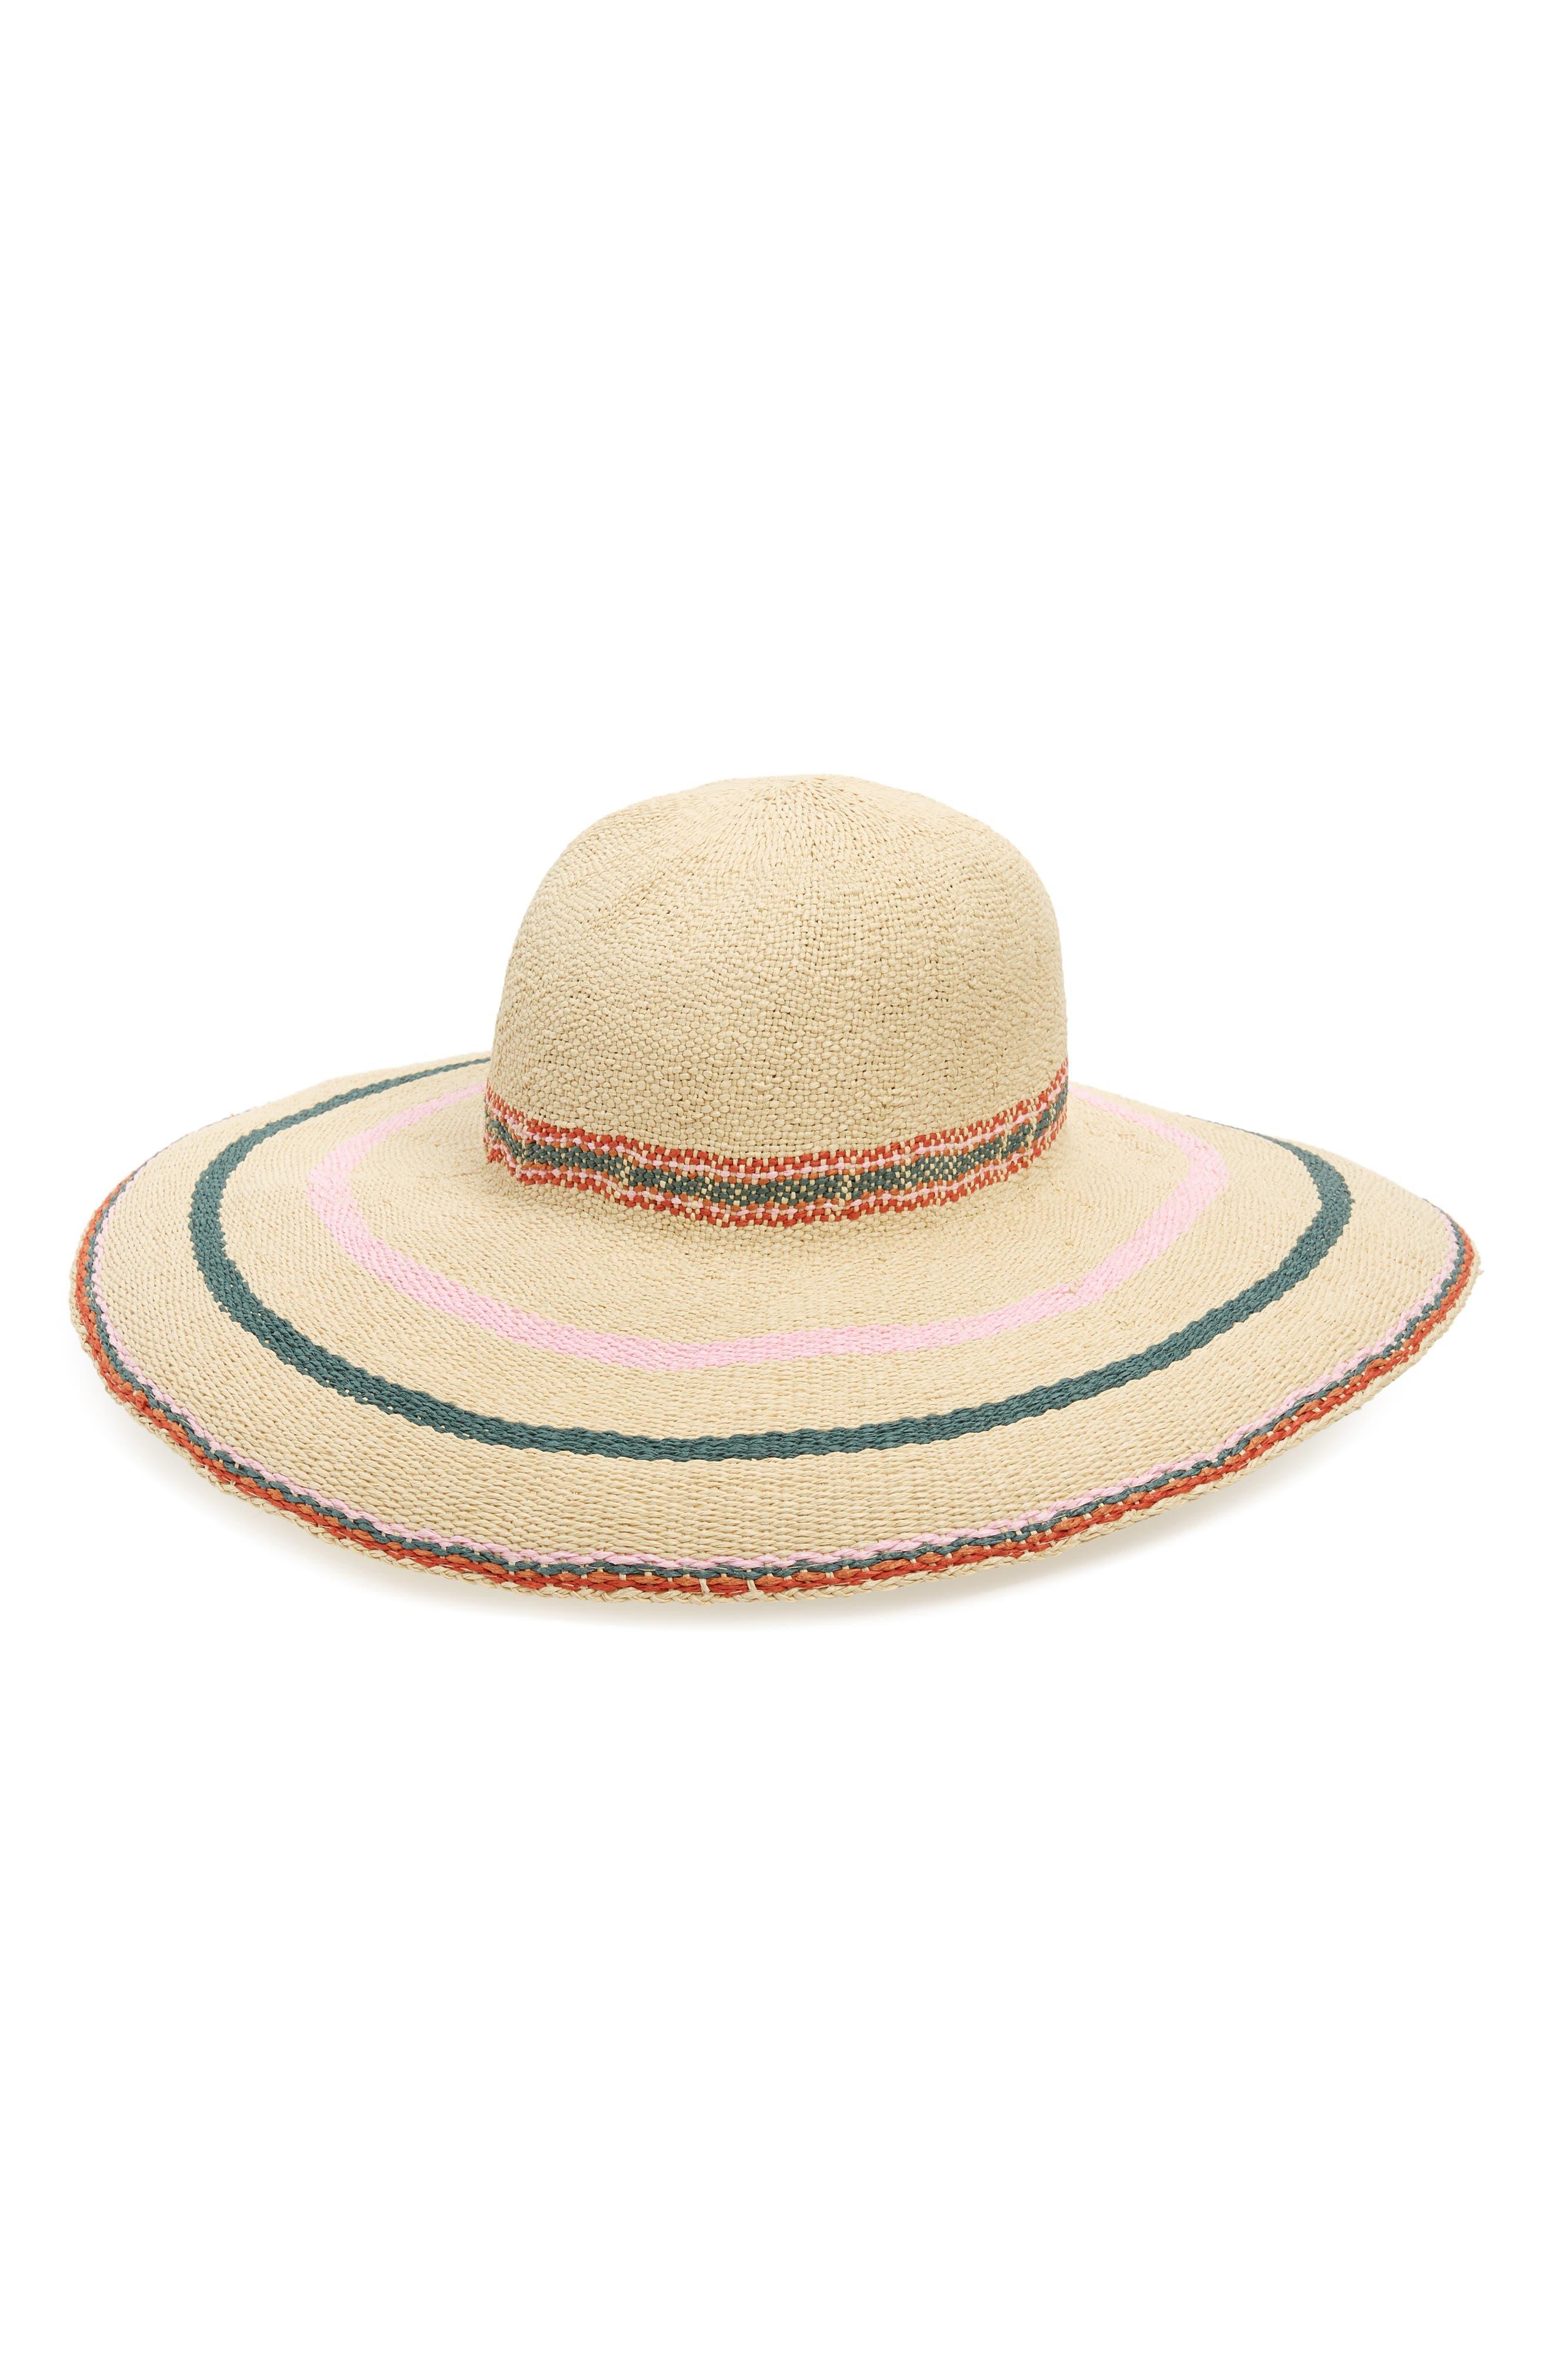 x Biltmore Tulum Stripe Straw Hat,                         Main,                         color, MULTI STRIPE